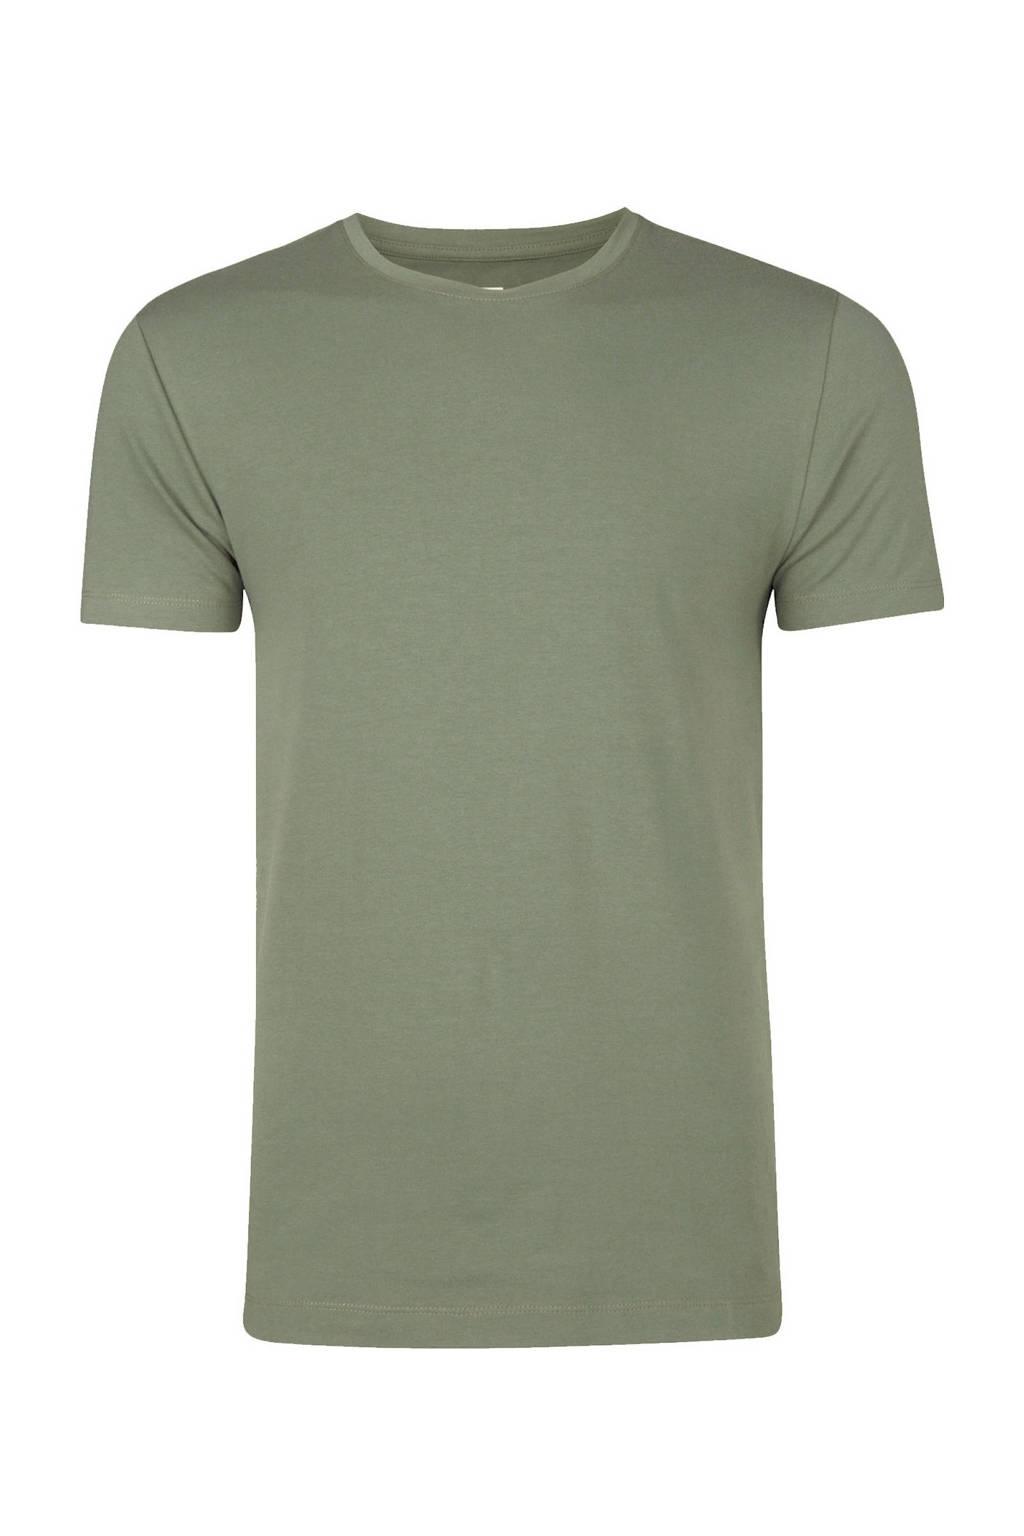 WE Fashion Fundamental T-shirt met biologisch katoen moss, Moss